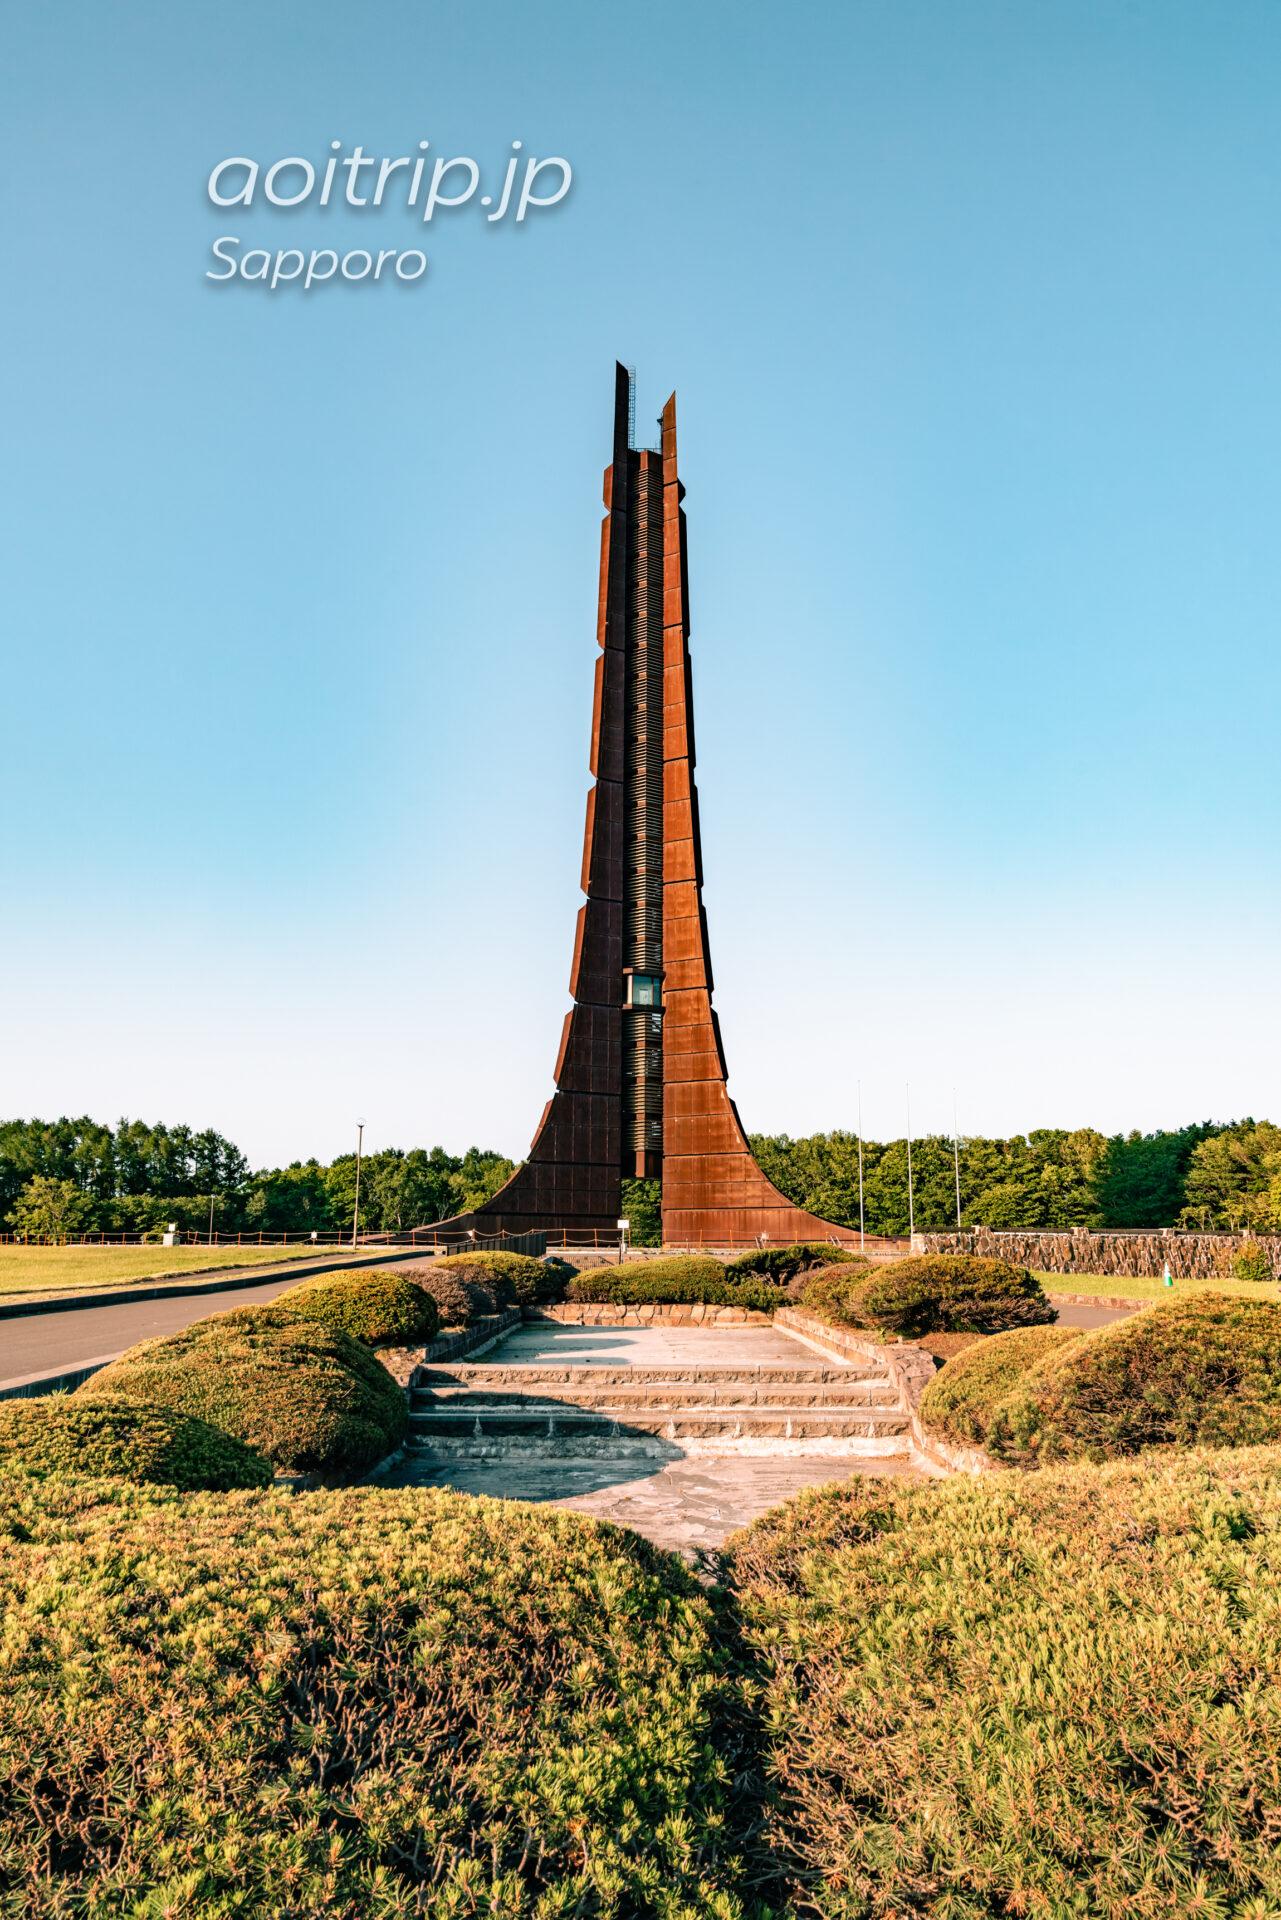 北海道百年記念塔 Centennial Memorial Tower